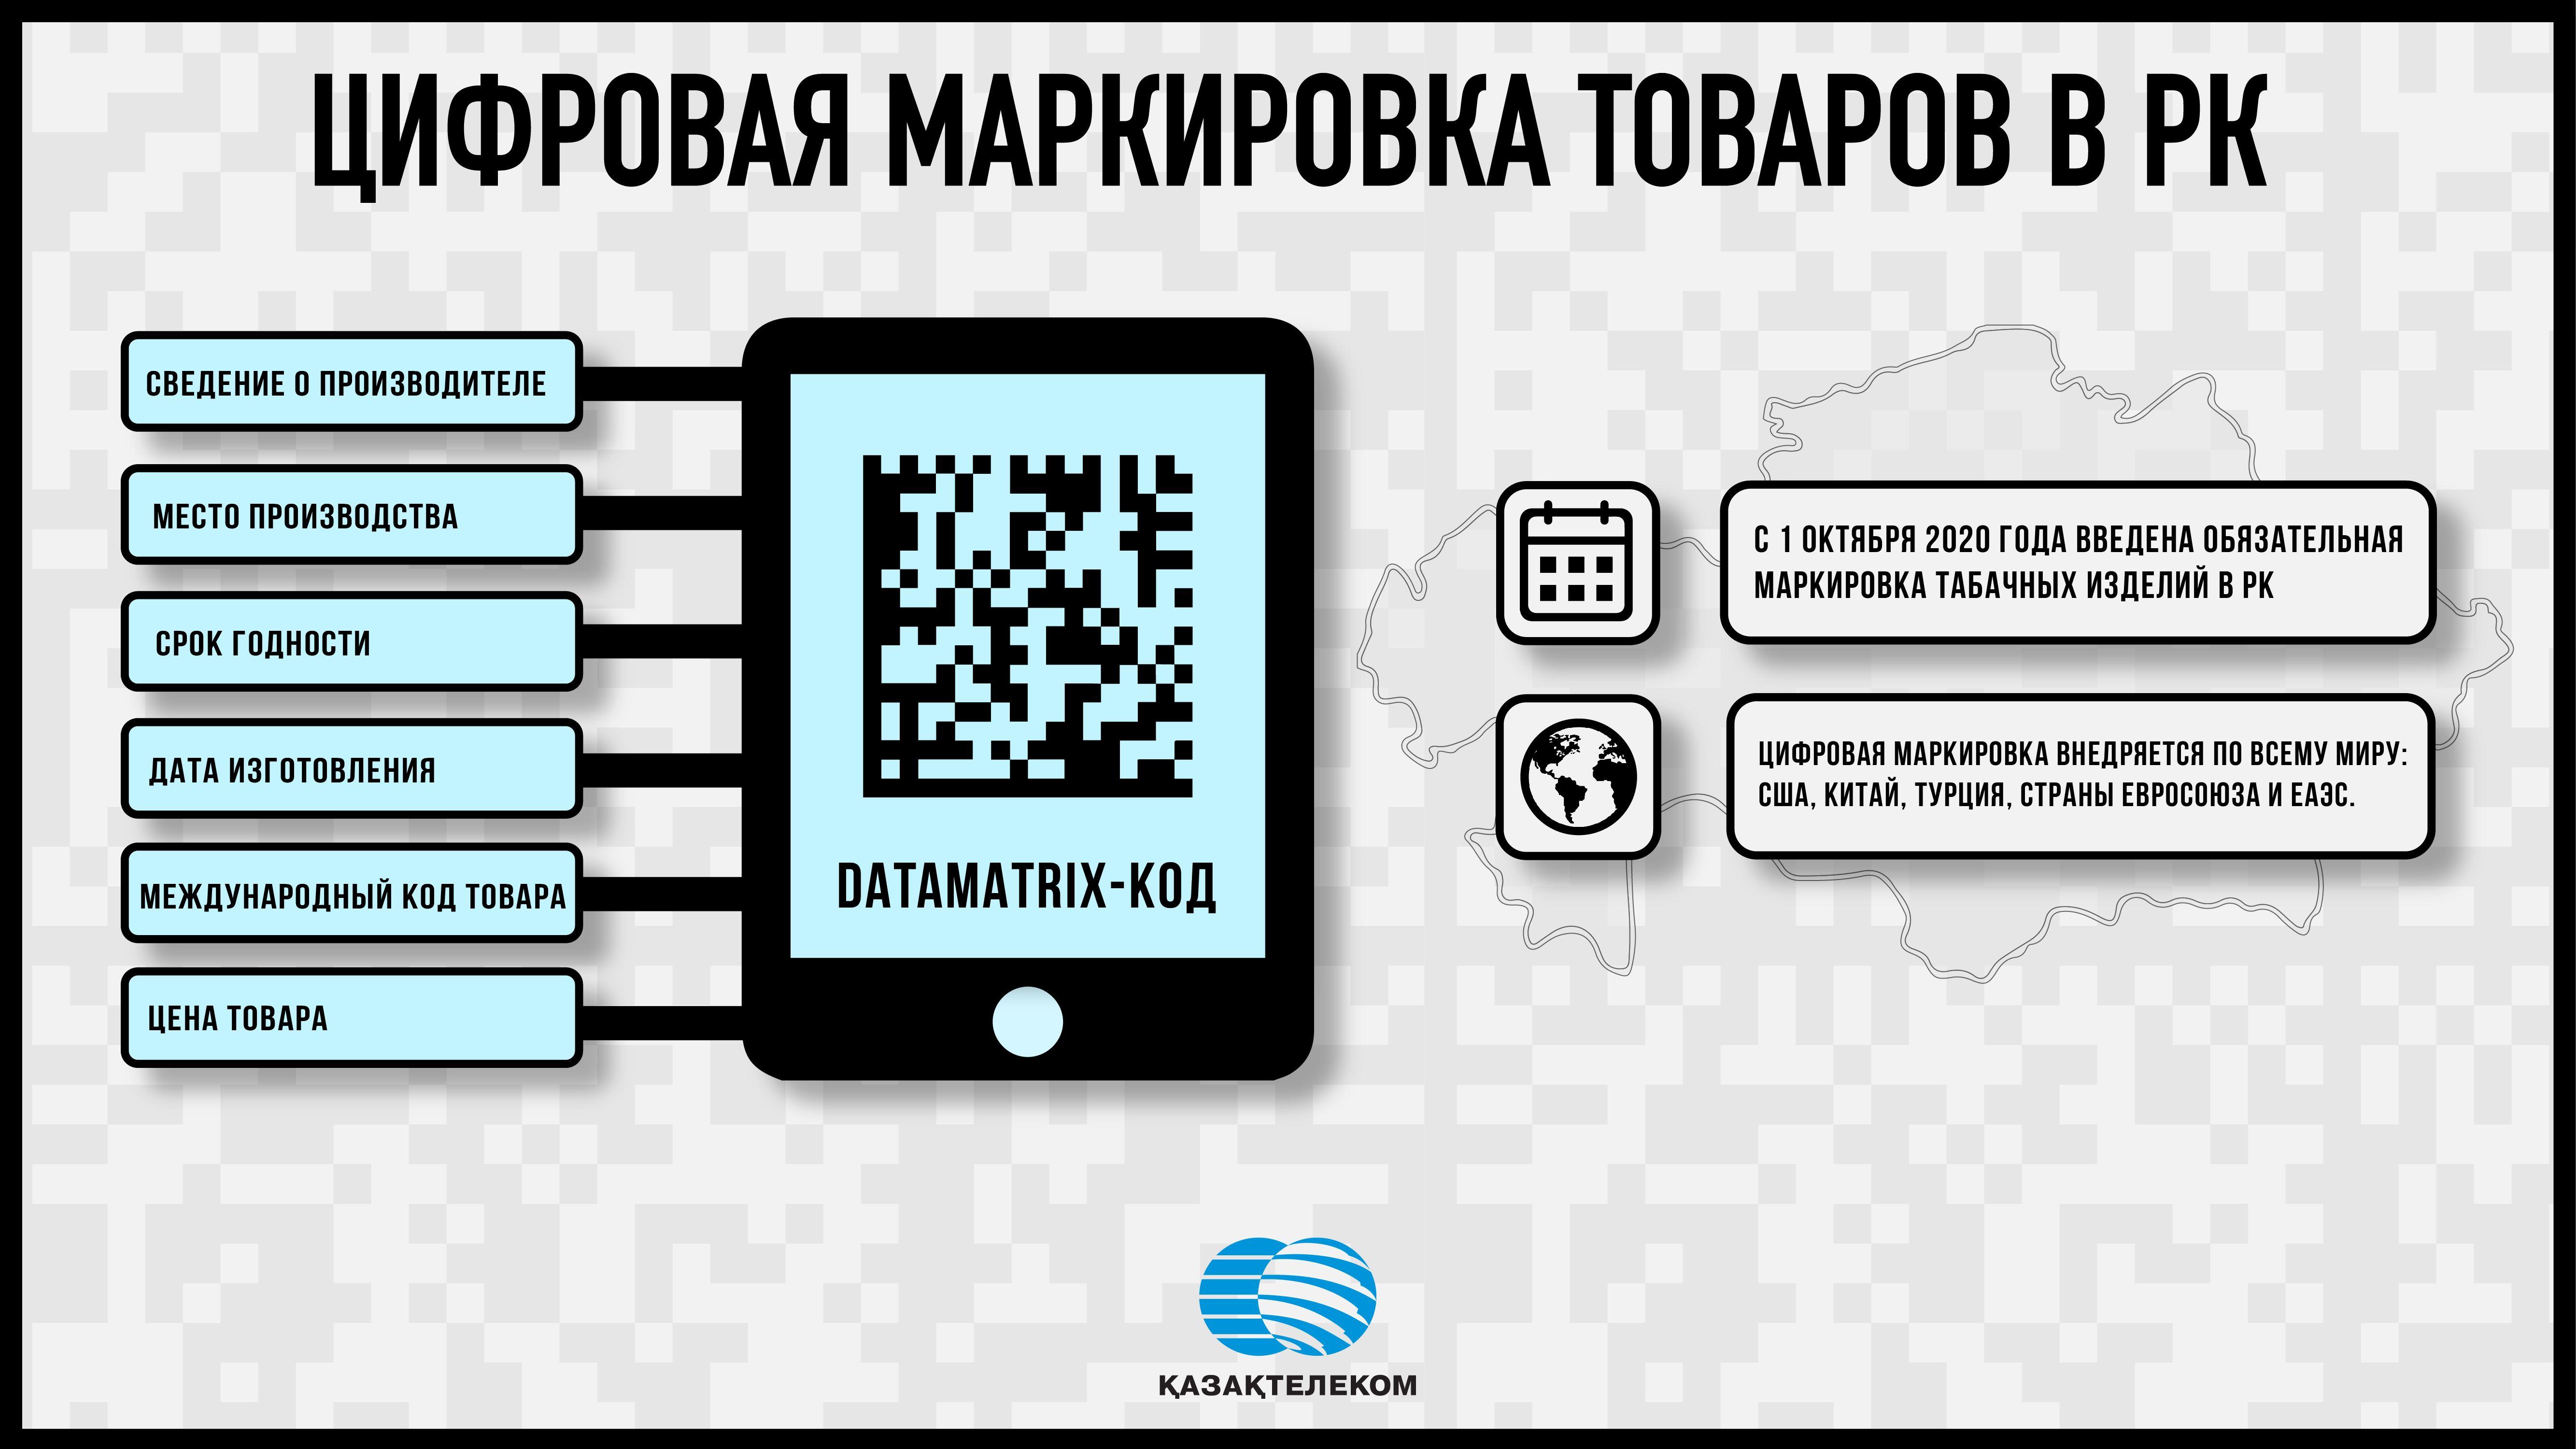 Бикеш Курмангалиева: Почему бизнесу не выжить без маркировки- Kapital.kz